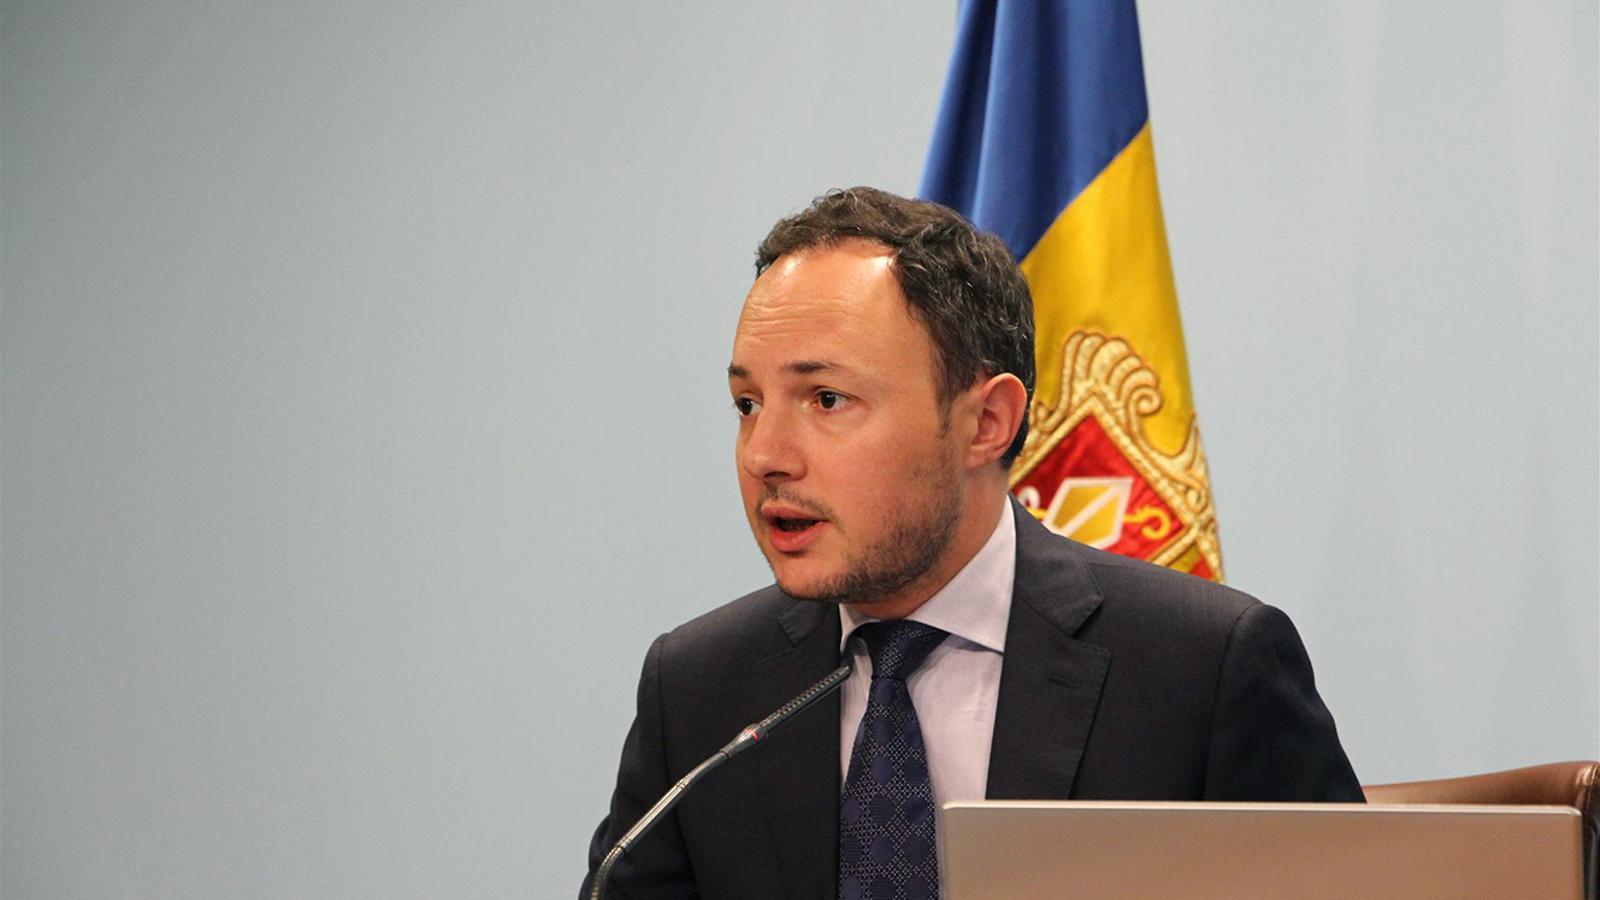 El ministre portaveu aquest dimecres, Xavier Espot, durant la roda de premsa posterior al consell de ministres. / M. F. (ANA)